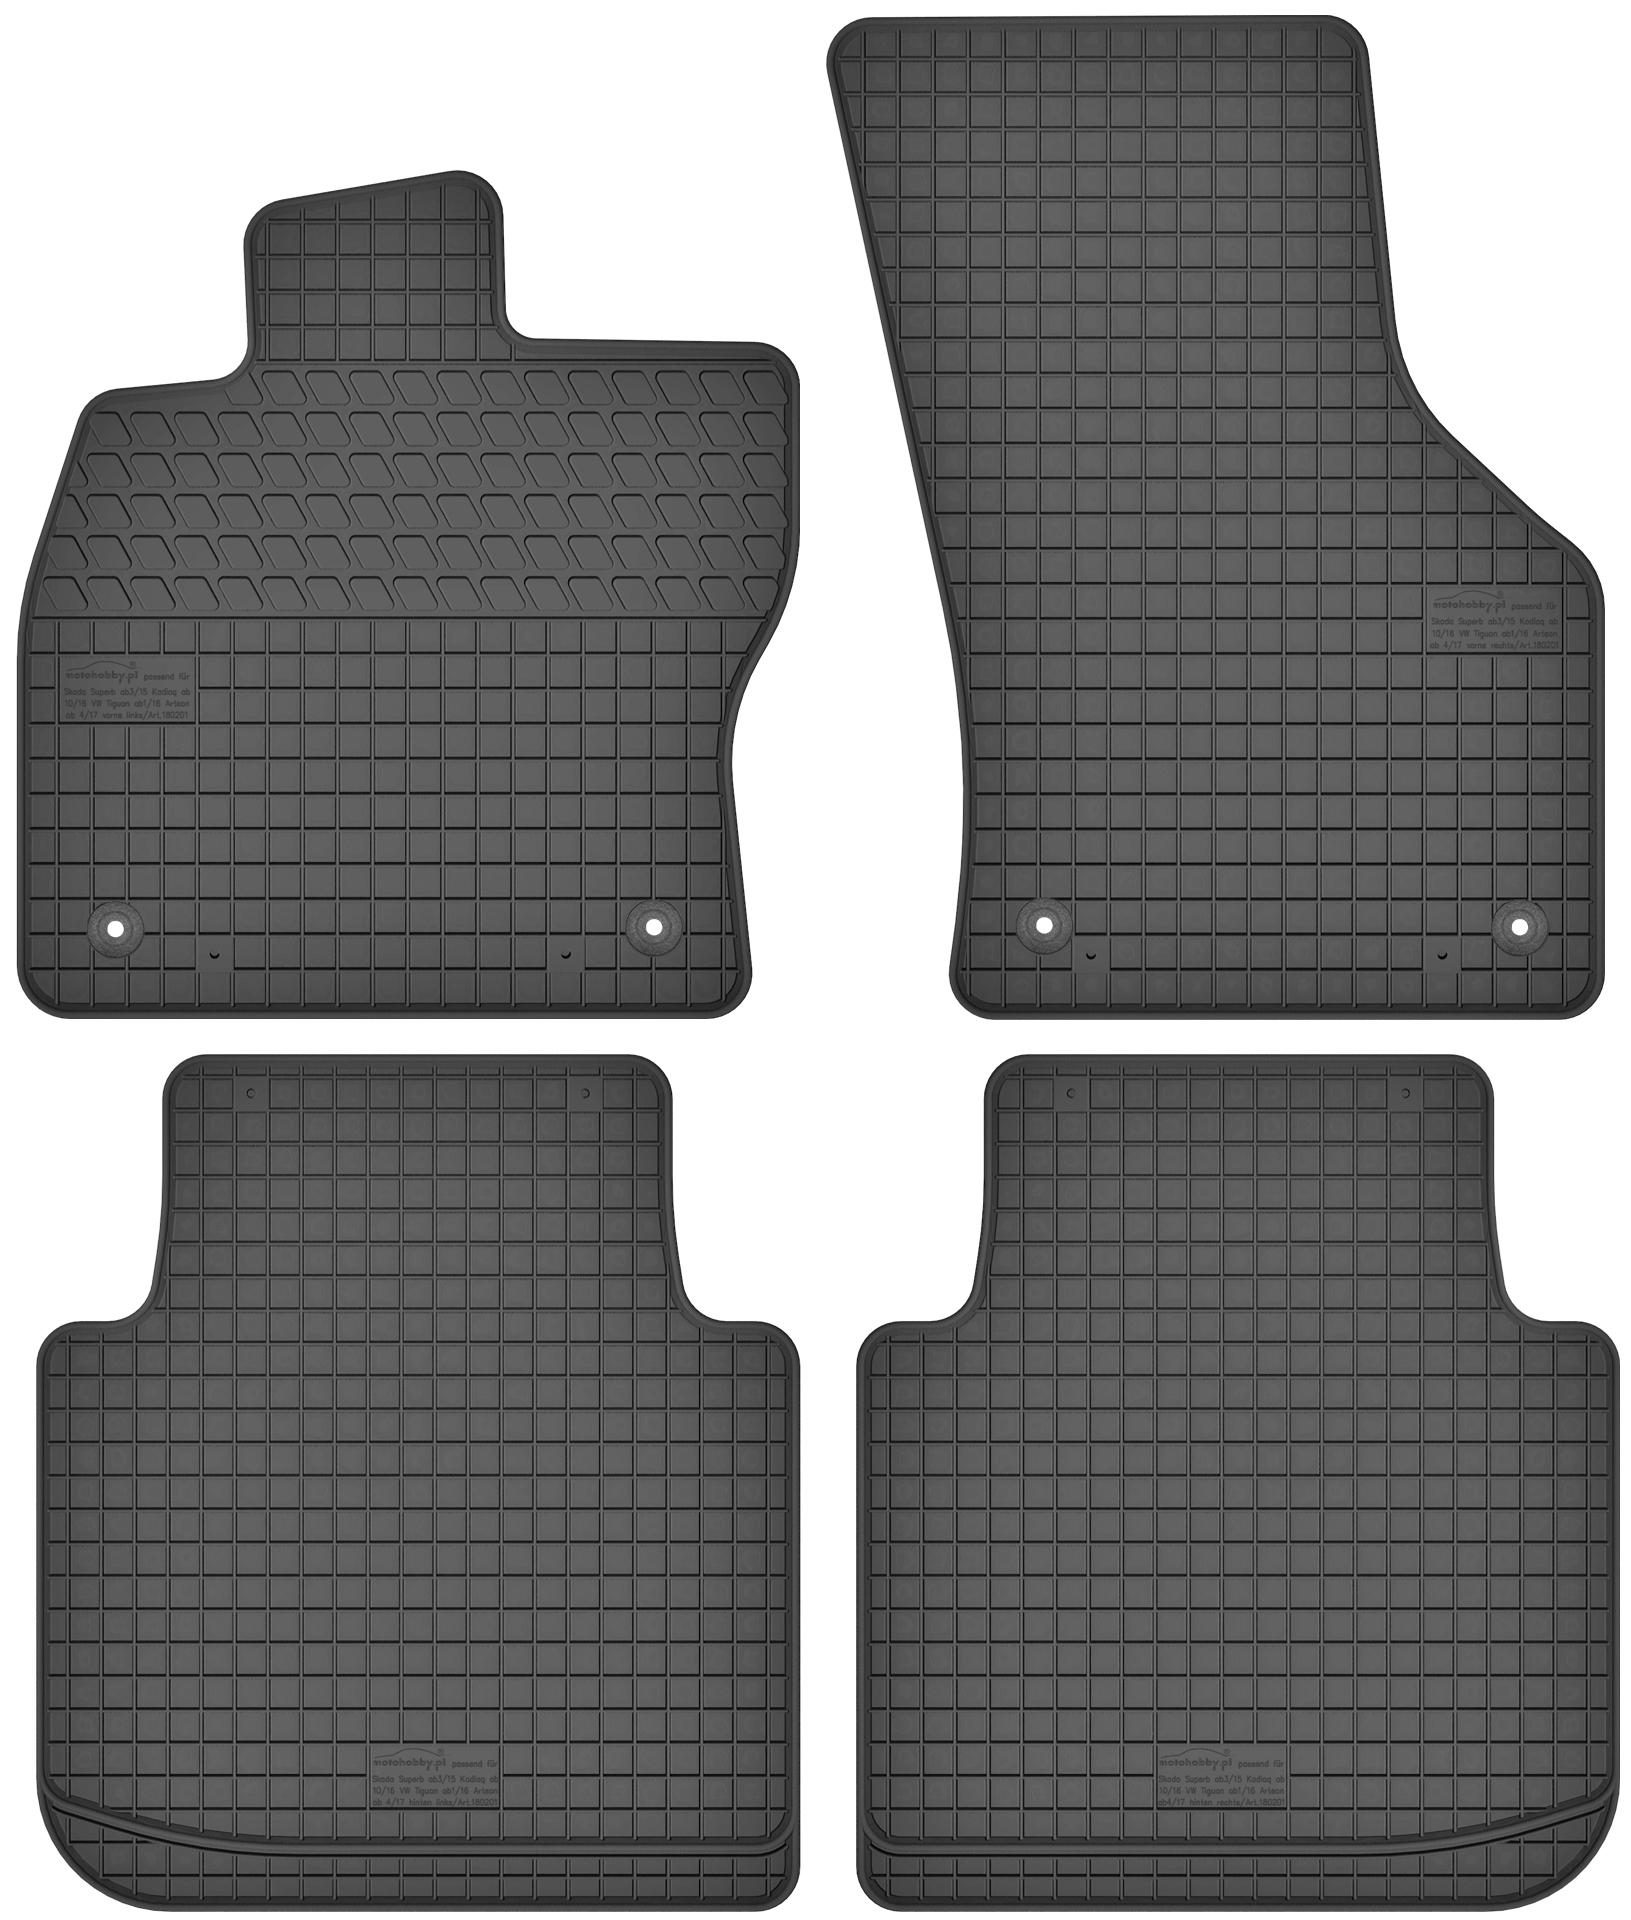 Kofferraumwanne Kofferraummatte passend für Skoda Superb 2 II 4 Türen 2008-2015